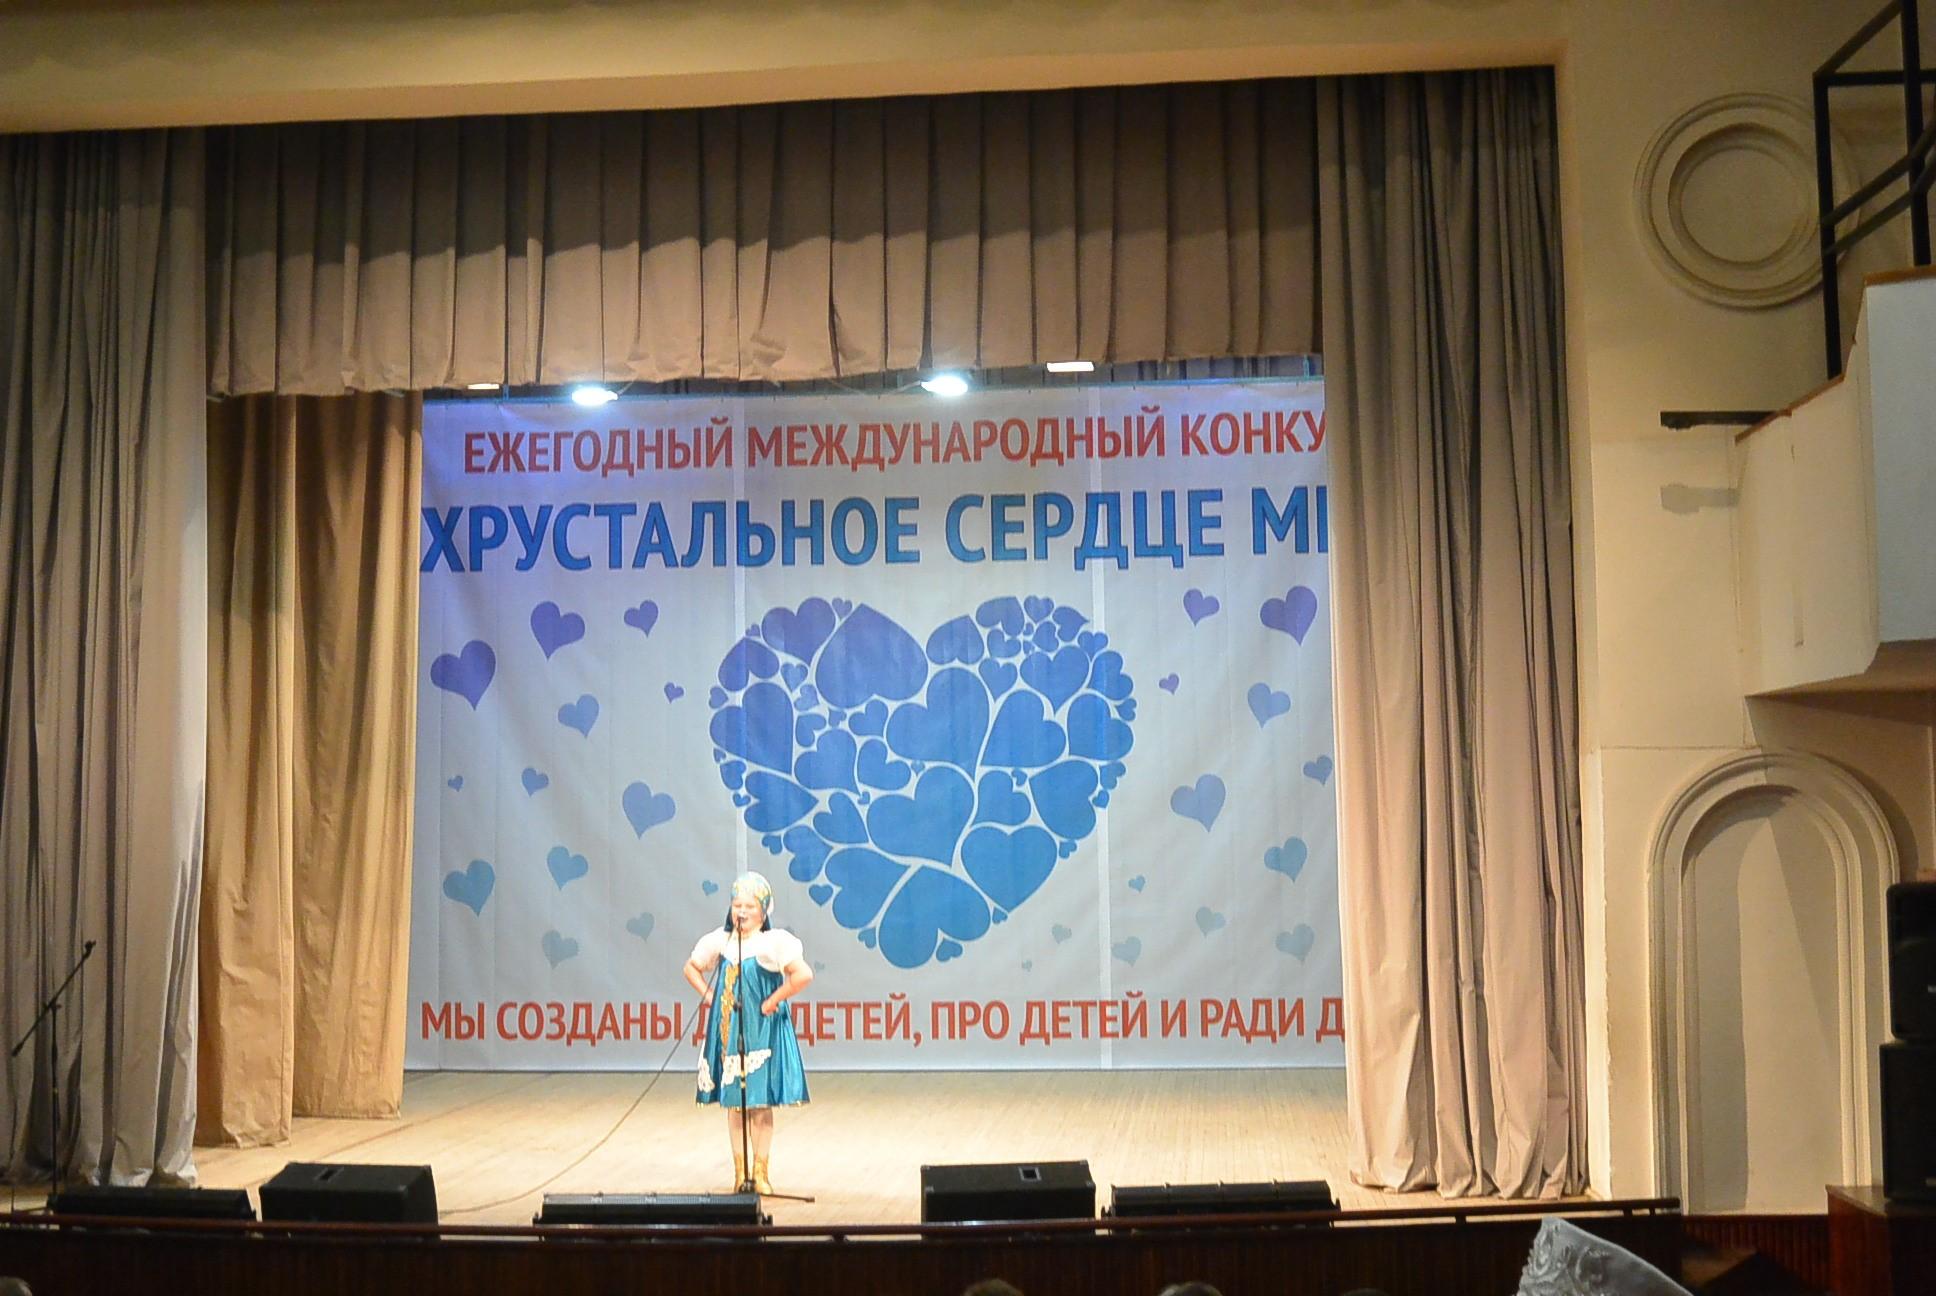 Дипломант Всероссийского конкурса-фестиваля «Хрустальное сердце мира»